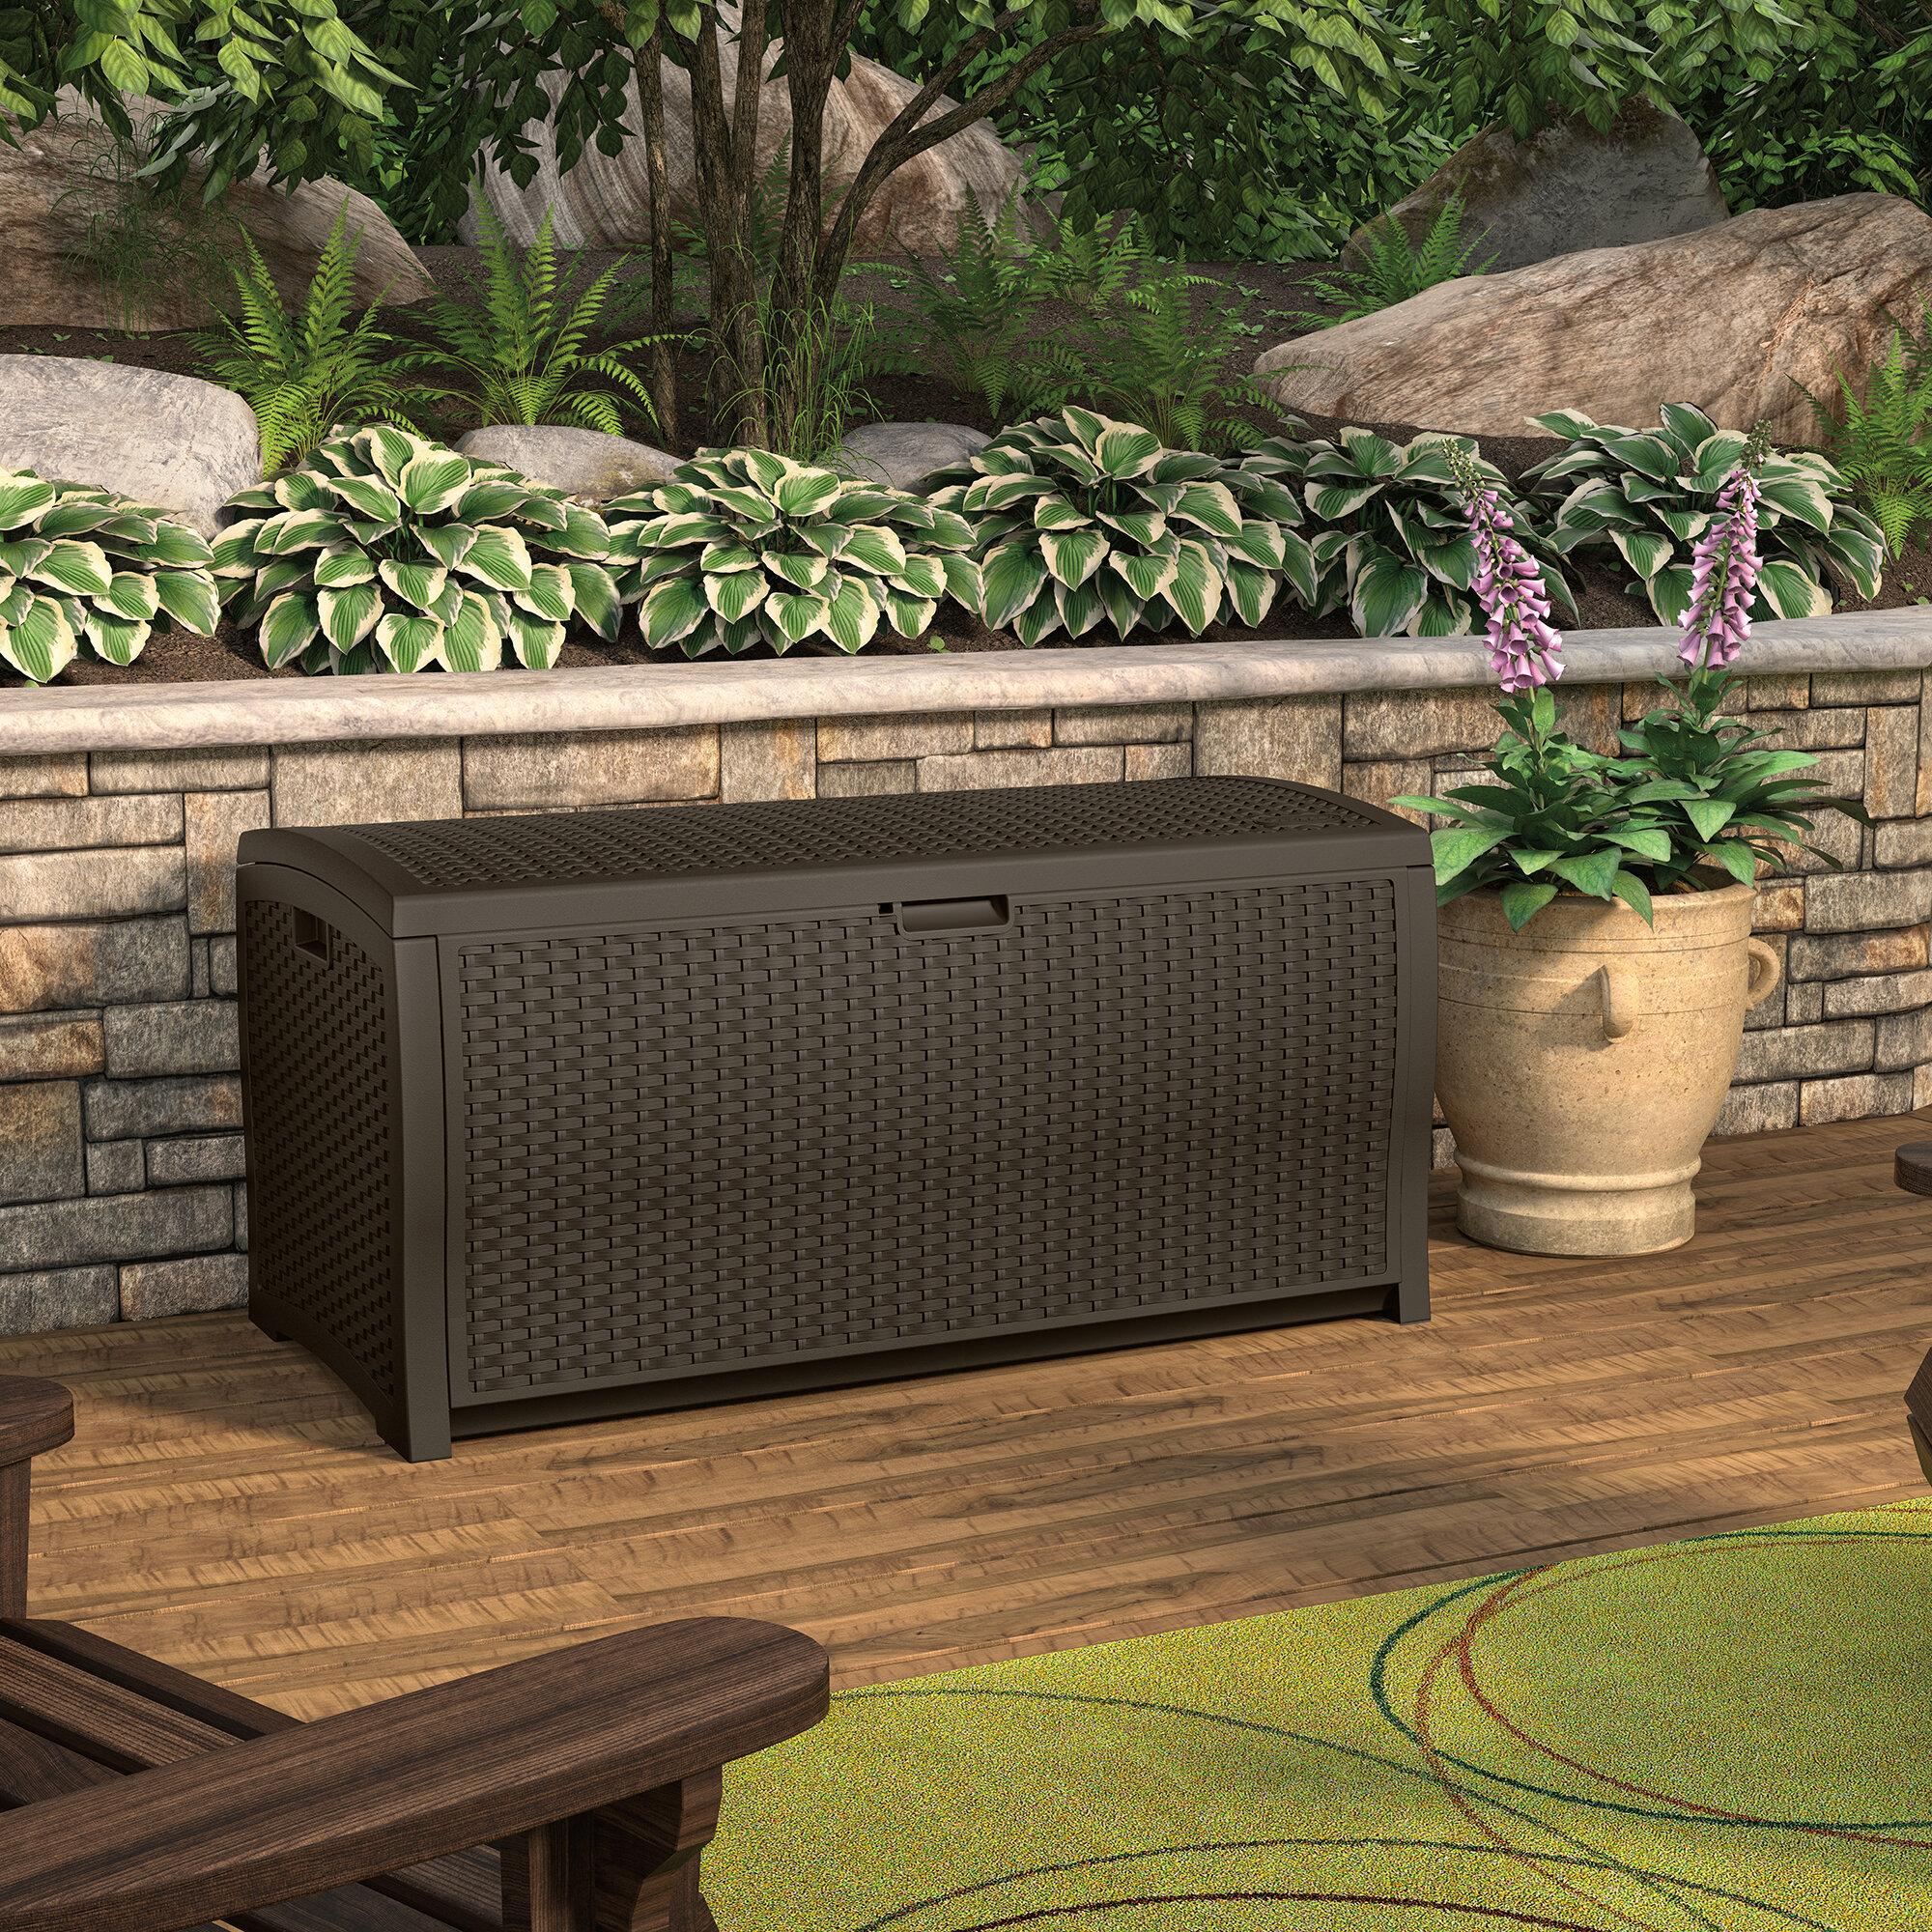 Suncast Java Wicker Outdoor 99 Gallon Resin Deck Box Reviews Wayfair